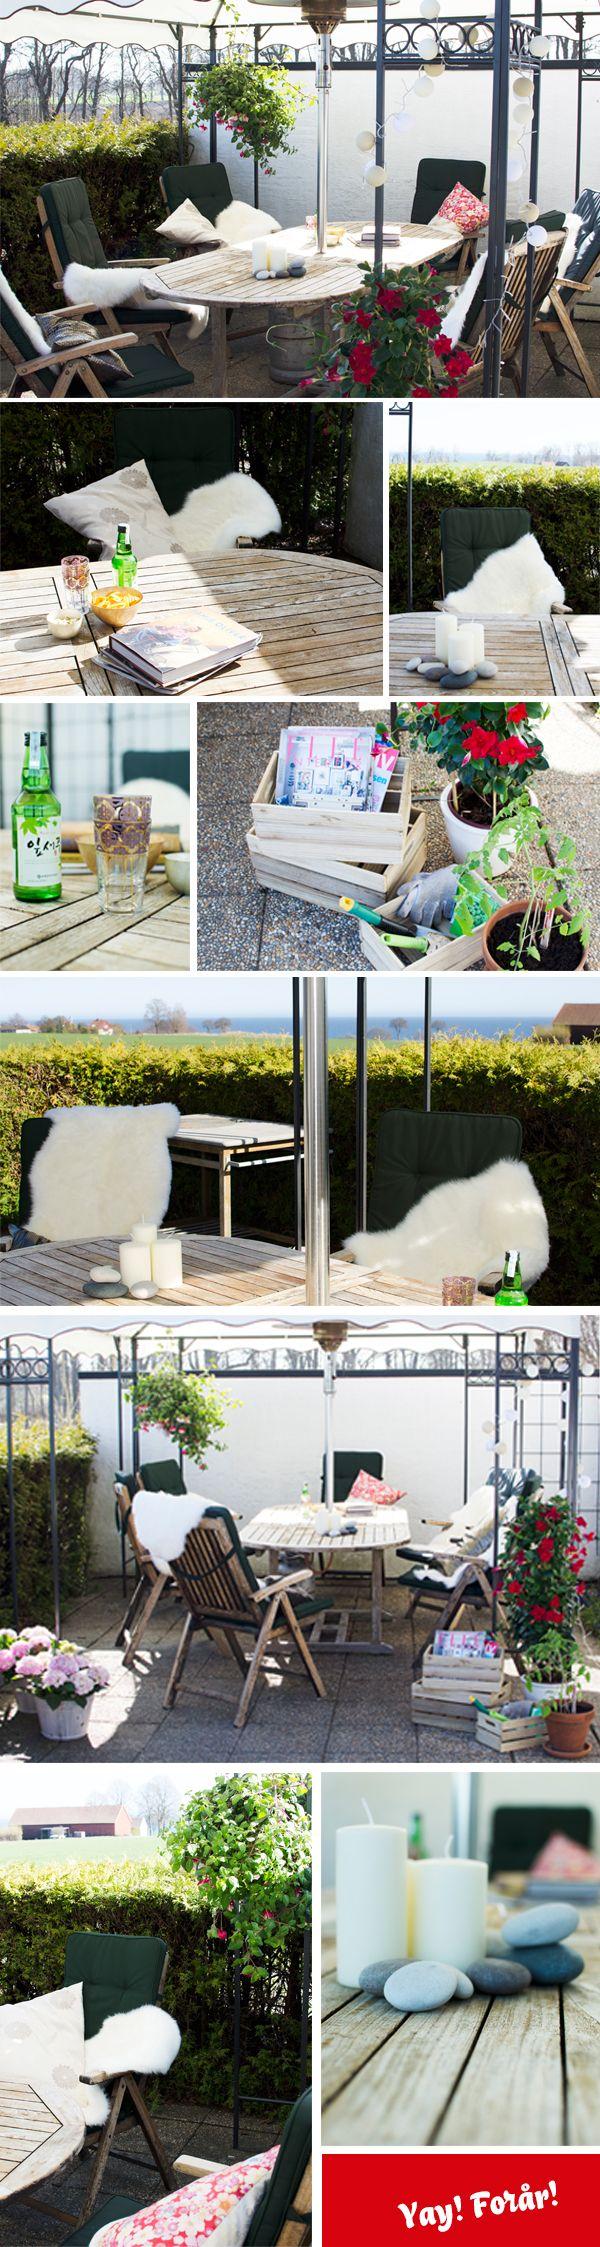 Terrasse med sager fra JYSK – Del 2 - Illustrafils Blog